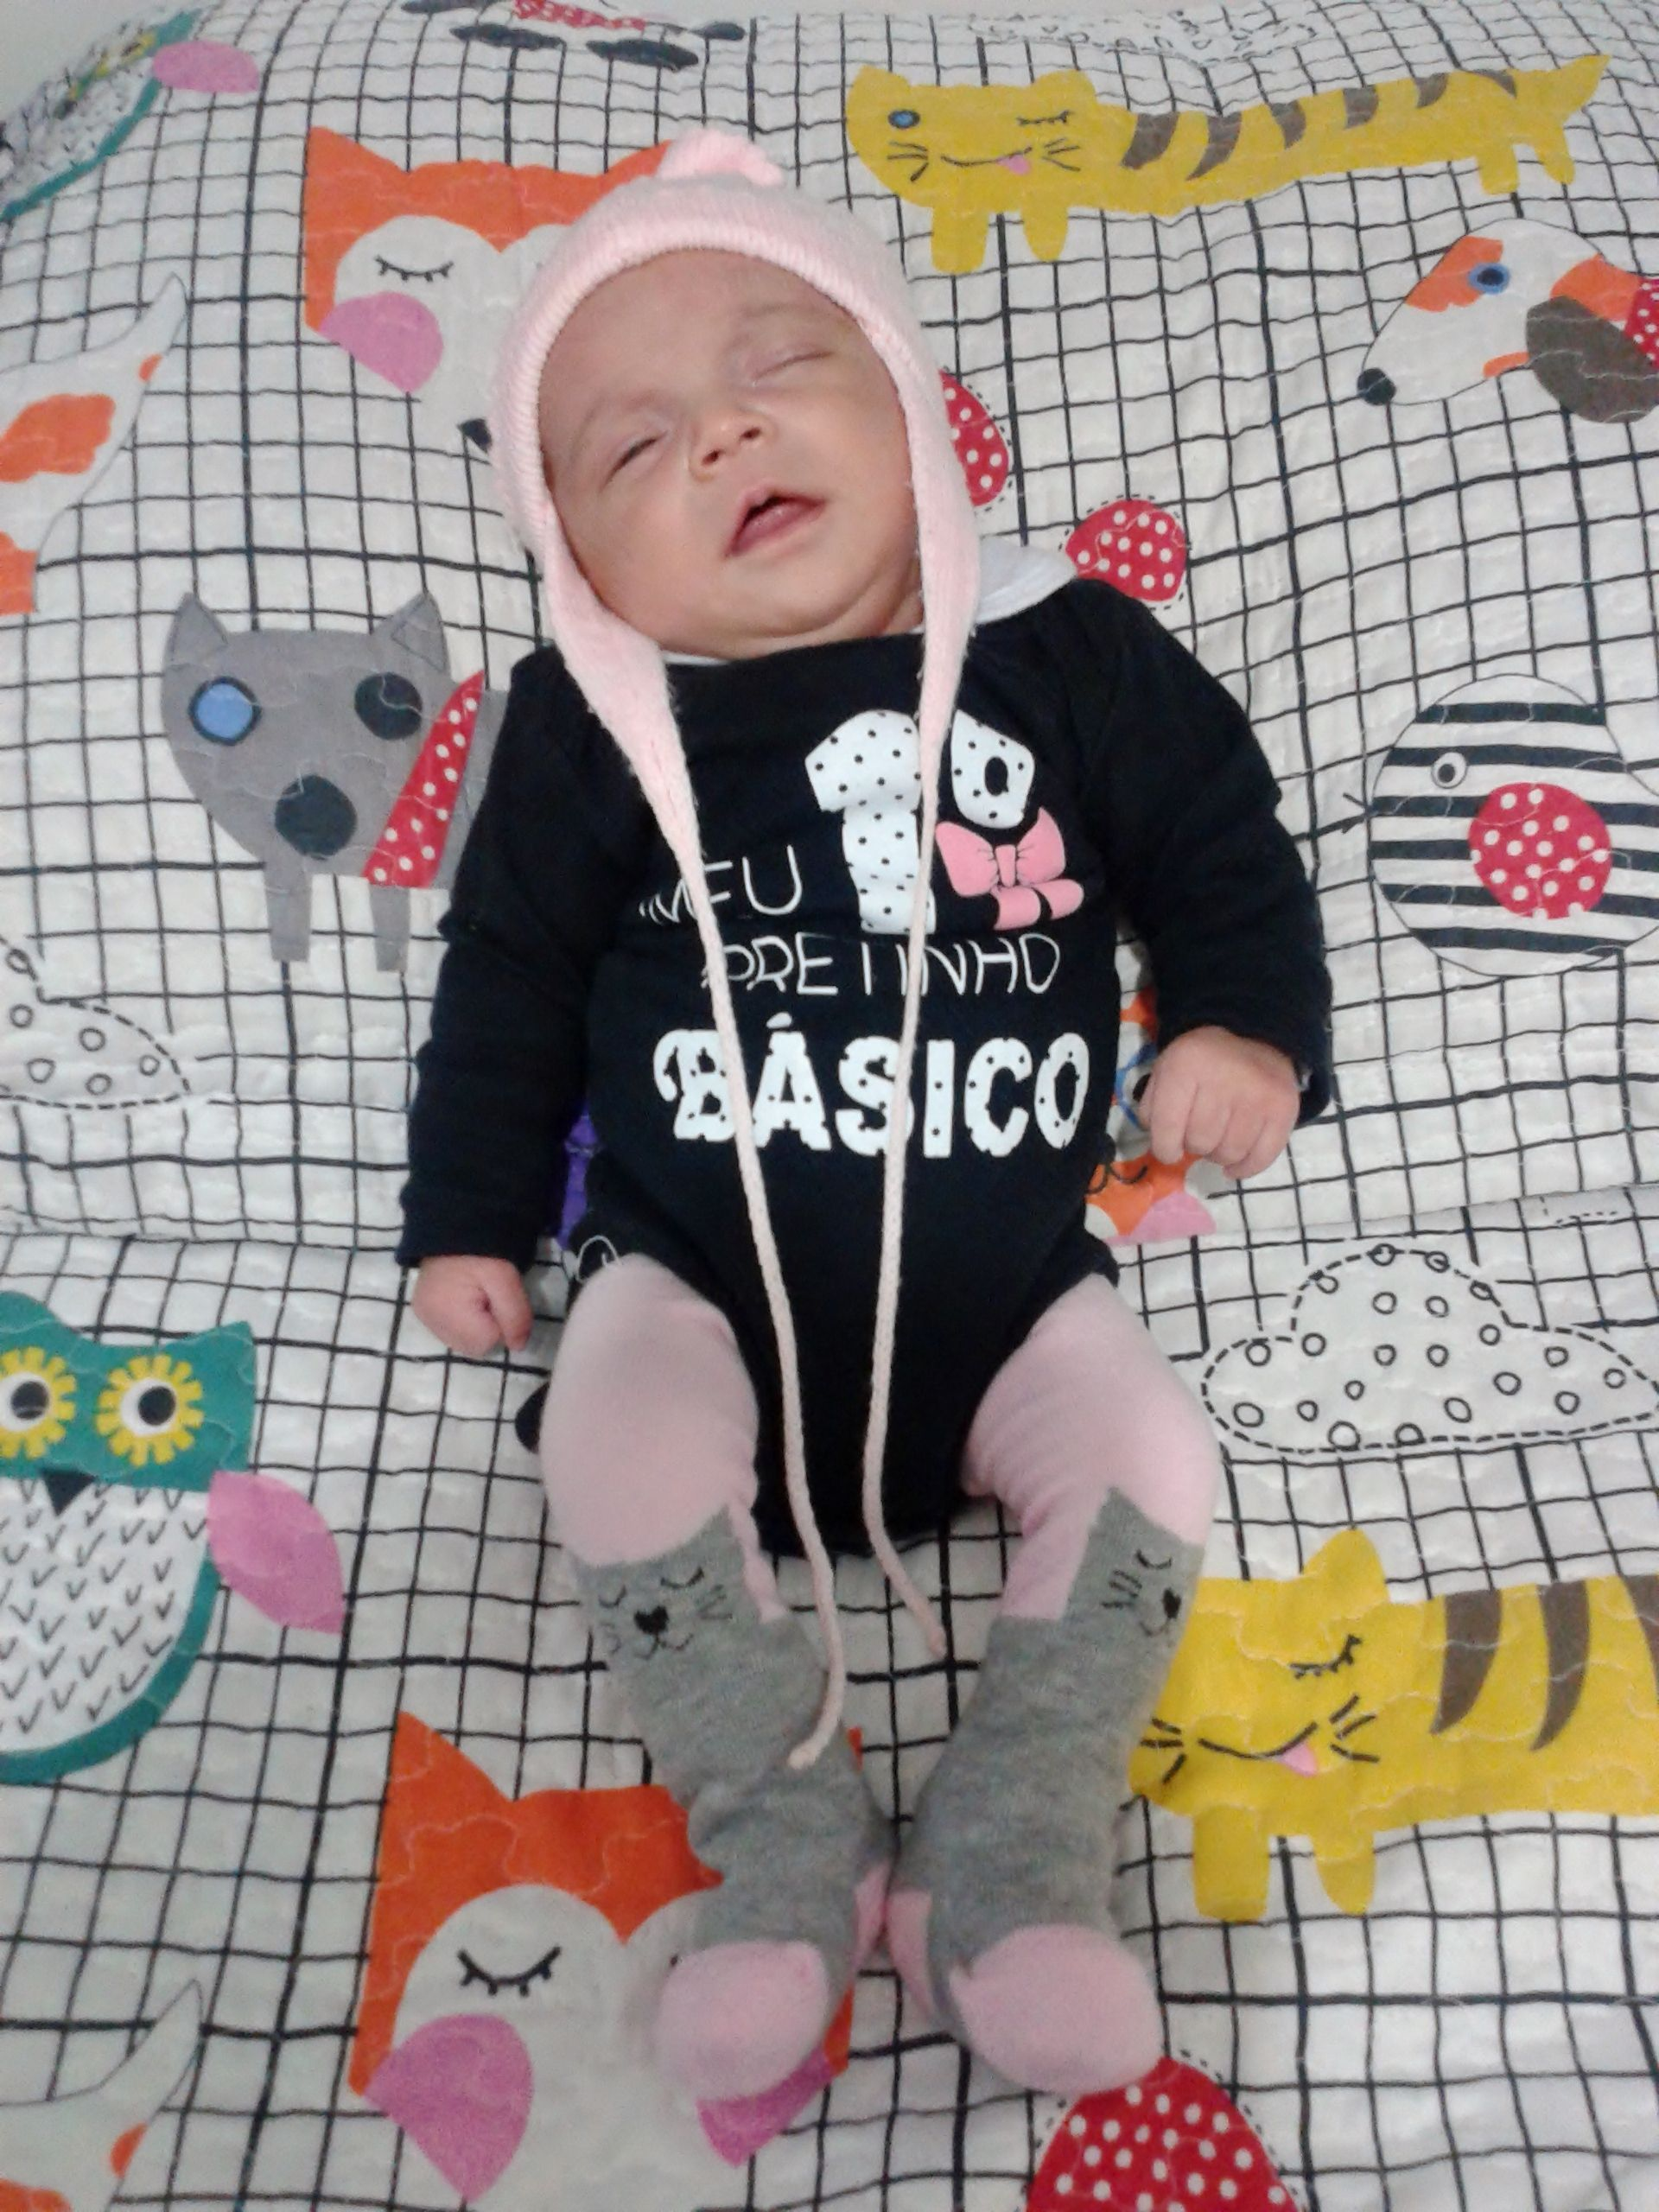 Pretinho básico, body, bebê fofo, meia calça de gatinho, touca boliviana,